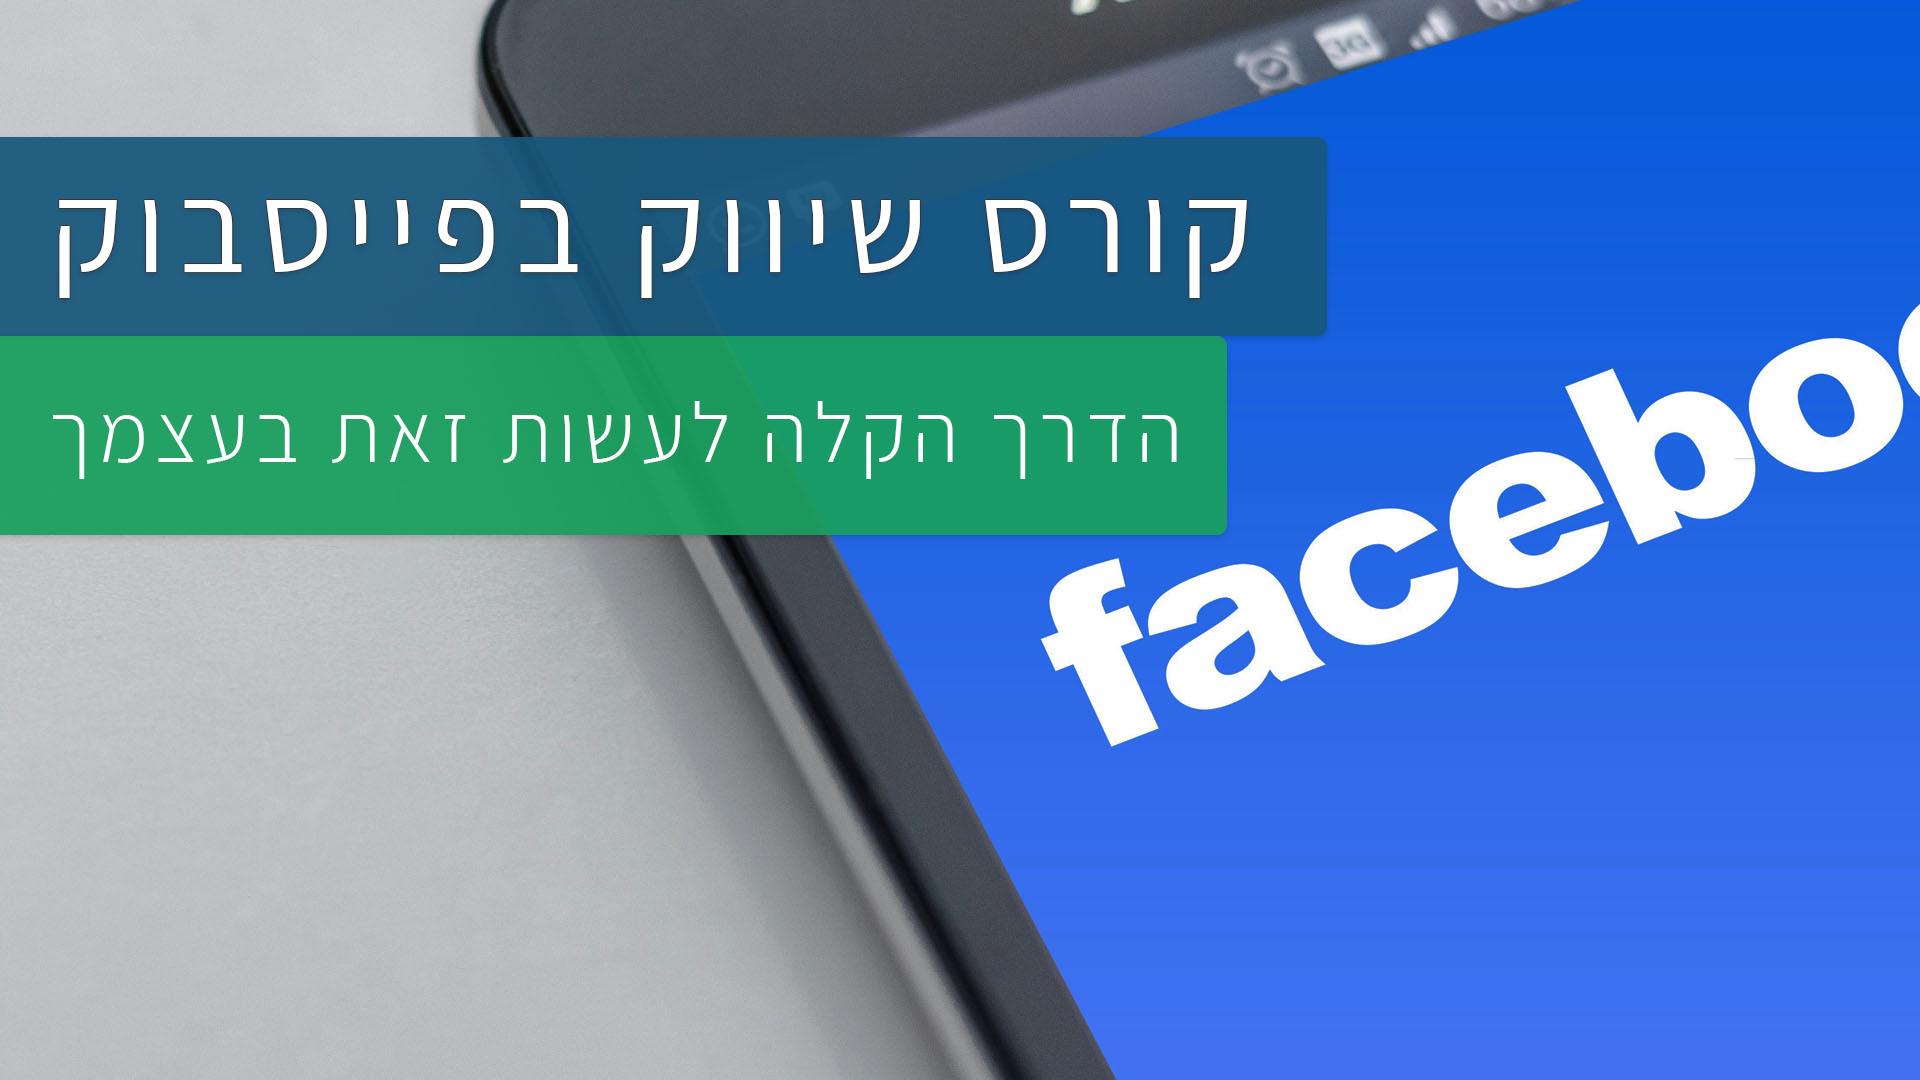 קורס שיווק בפייסבוק - הדרך הקלה